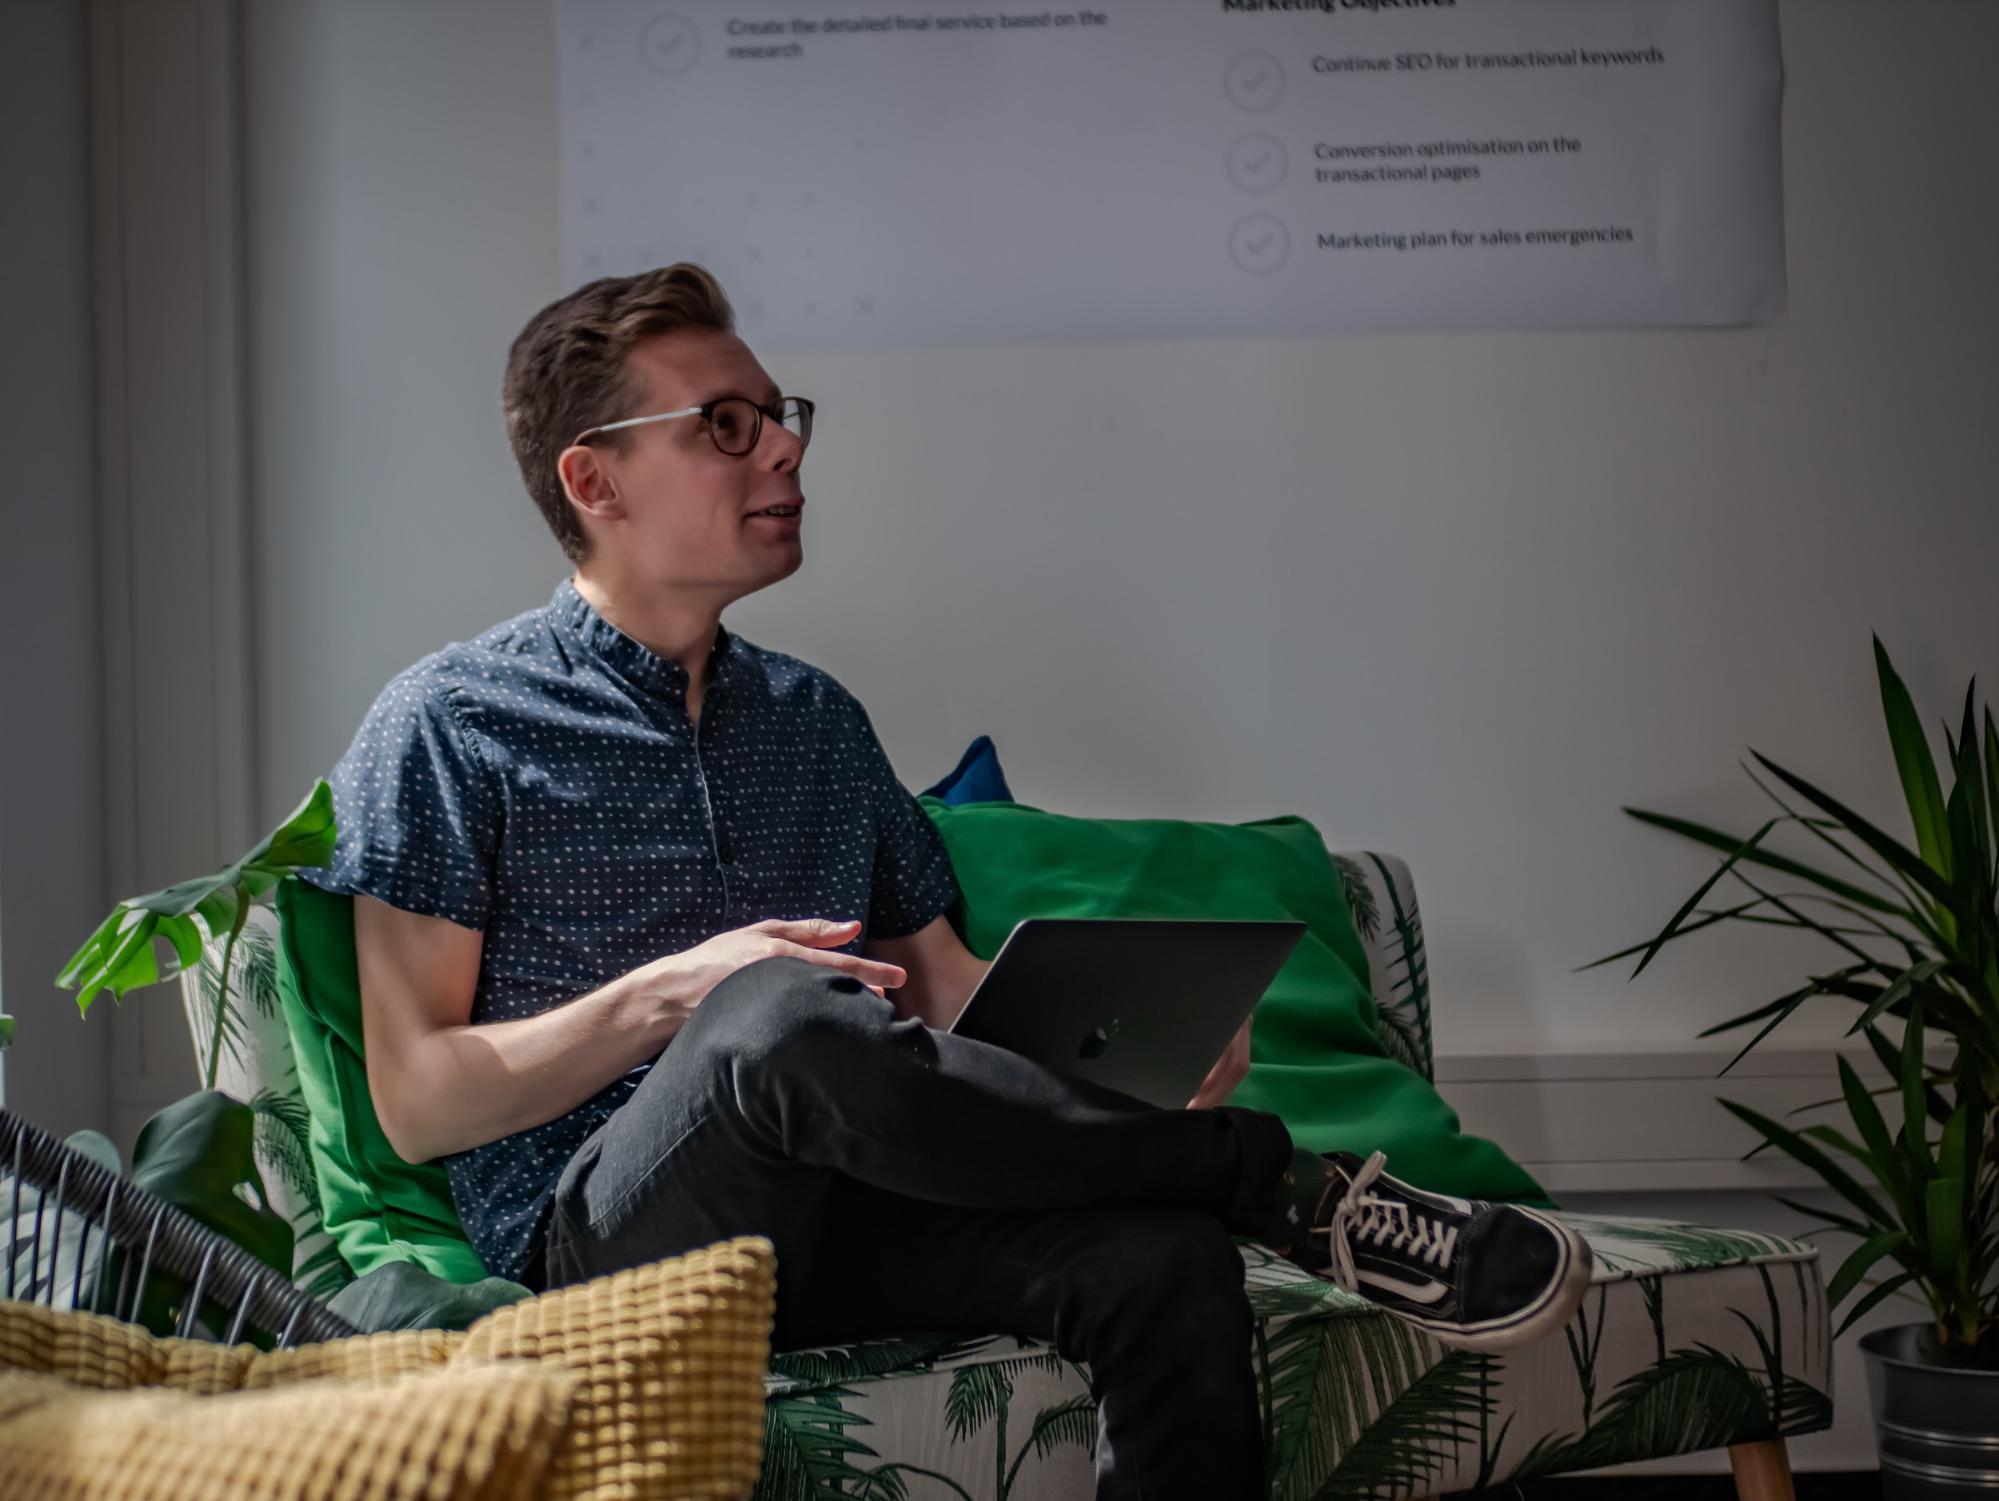 UX studio designer Vitarius Bence